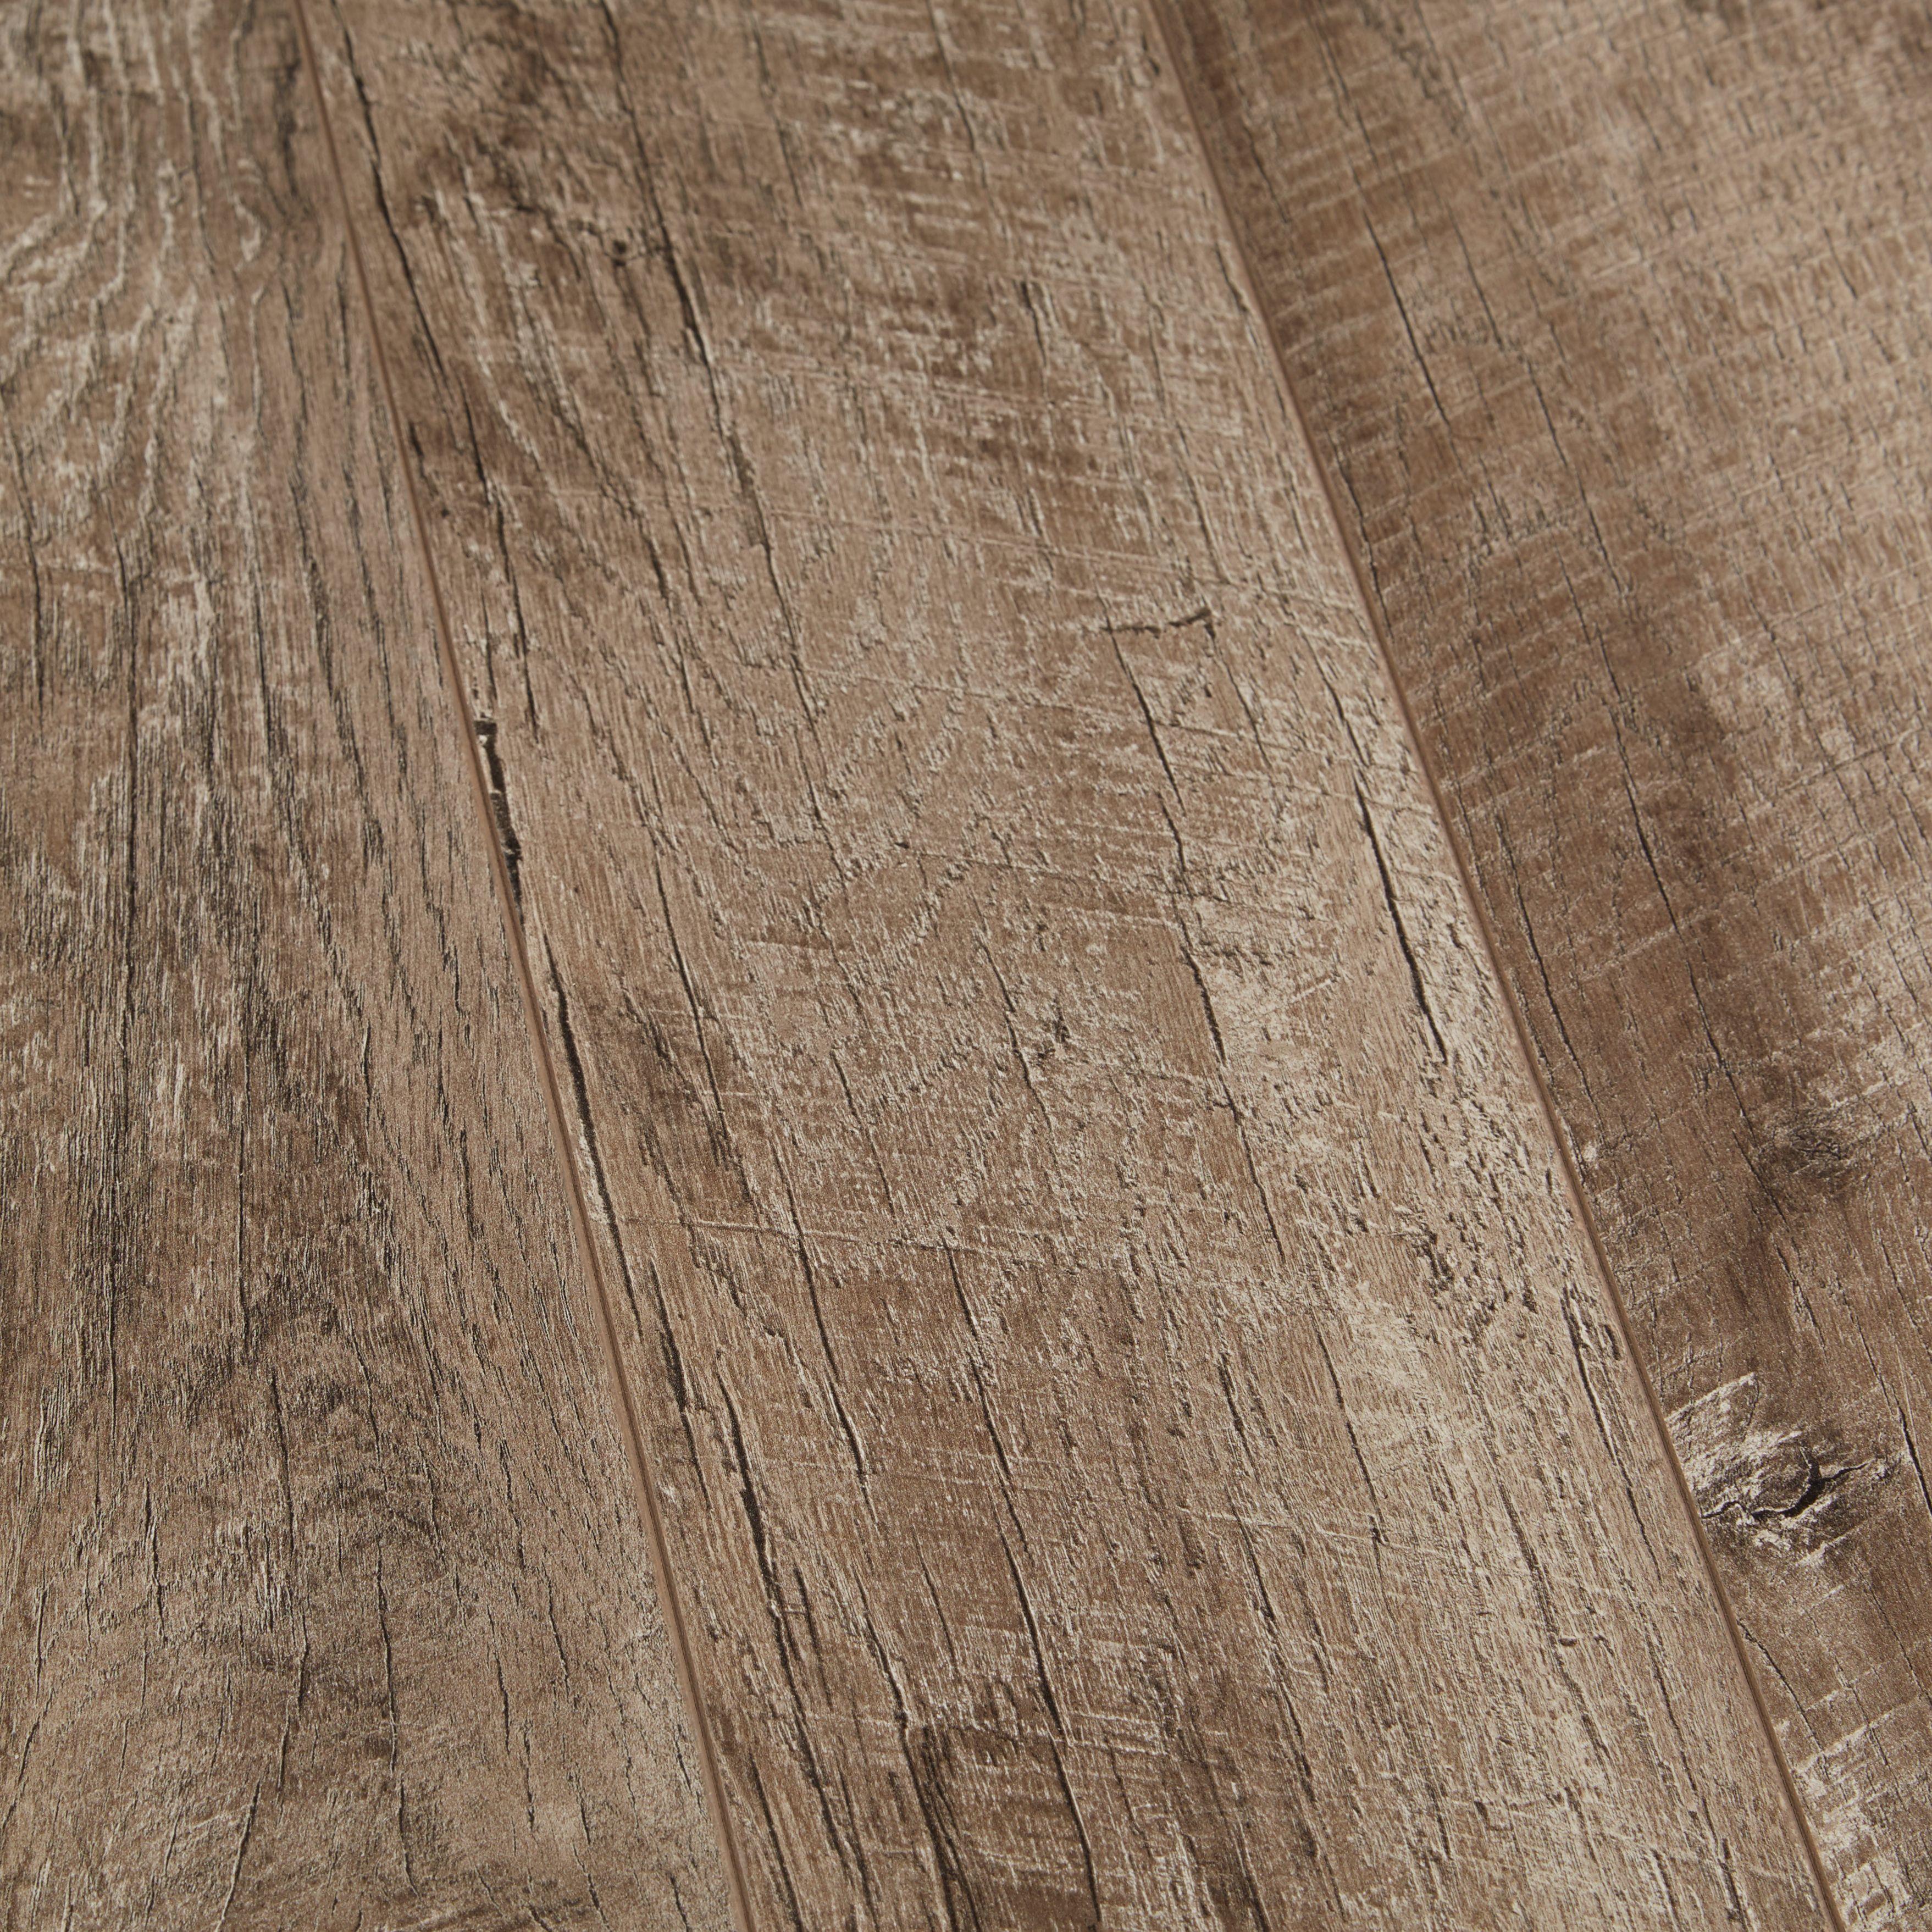 royal laminate format canoe floors bay mahogany flooring